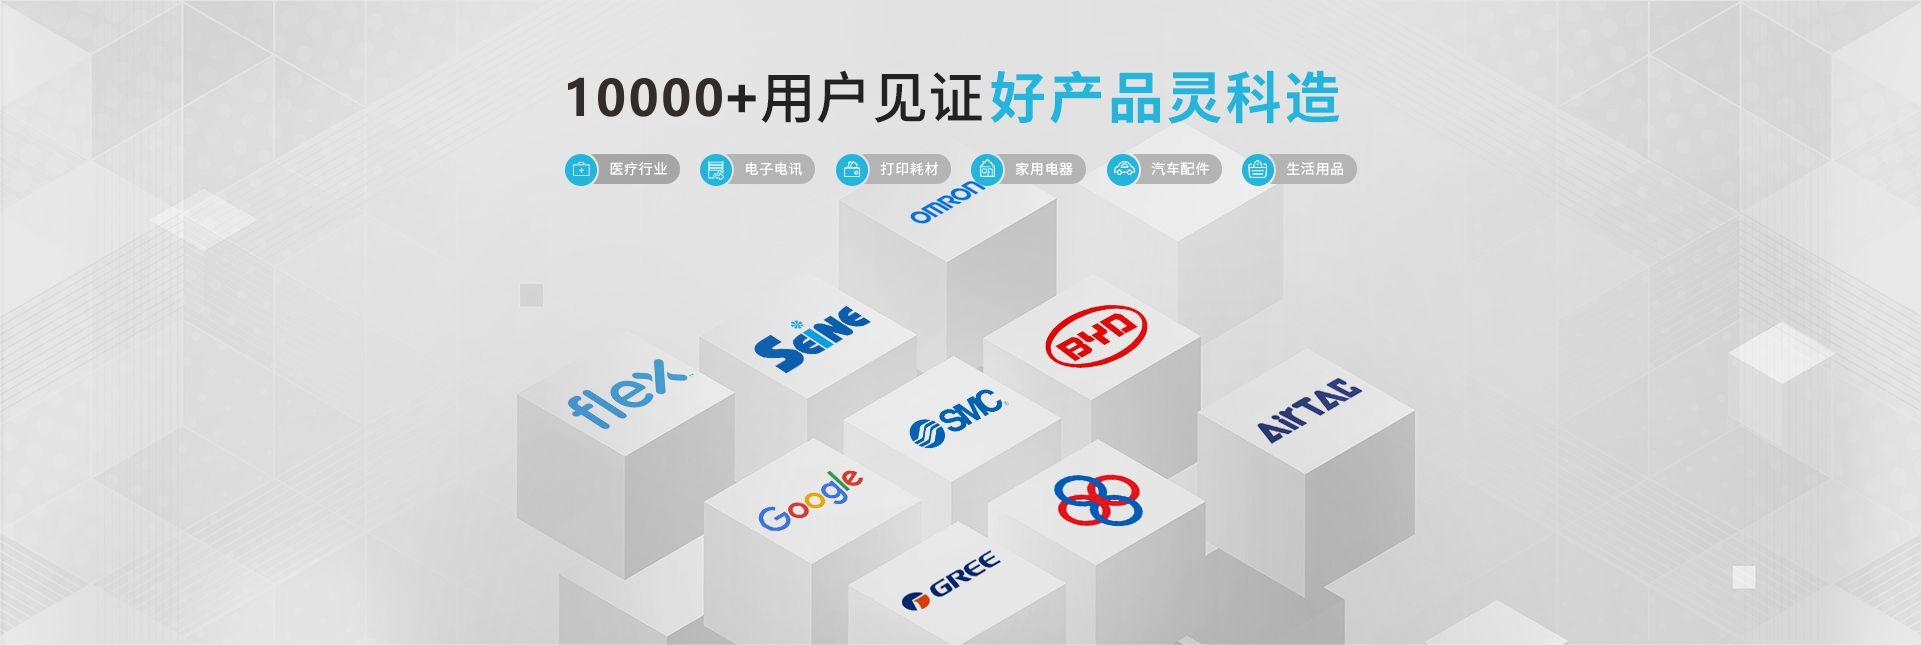 灵科-10000+用户见证 好产品灵科造